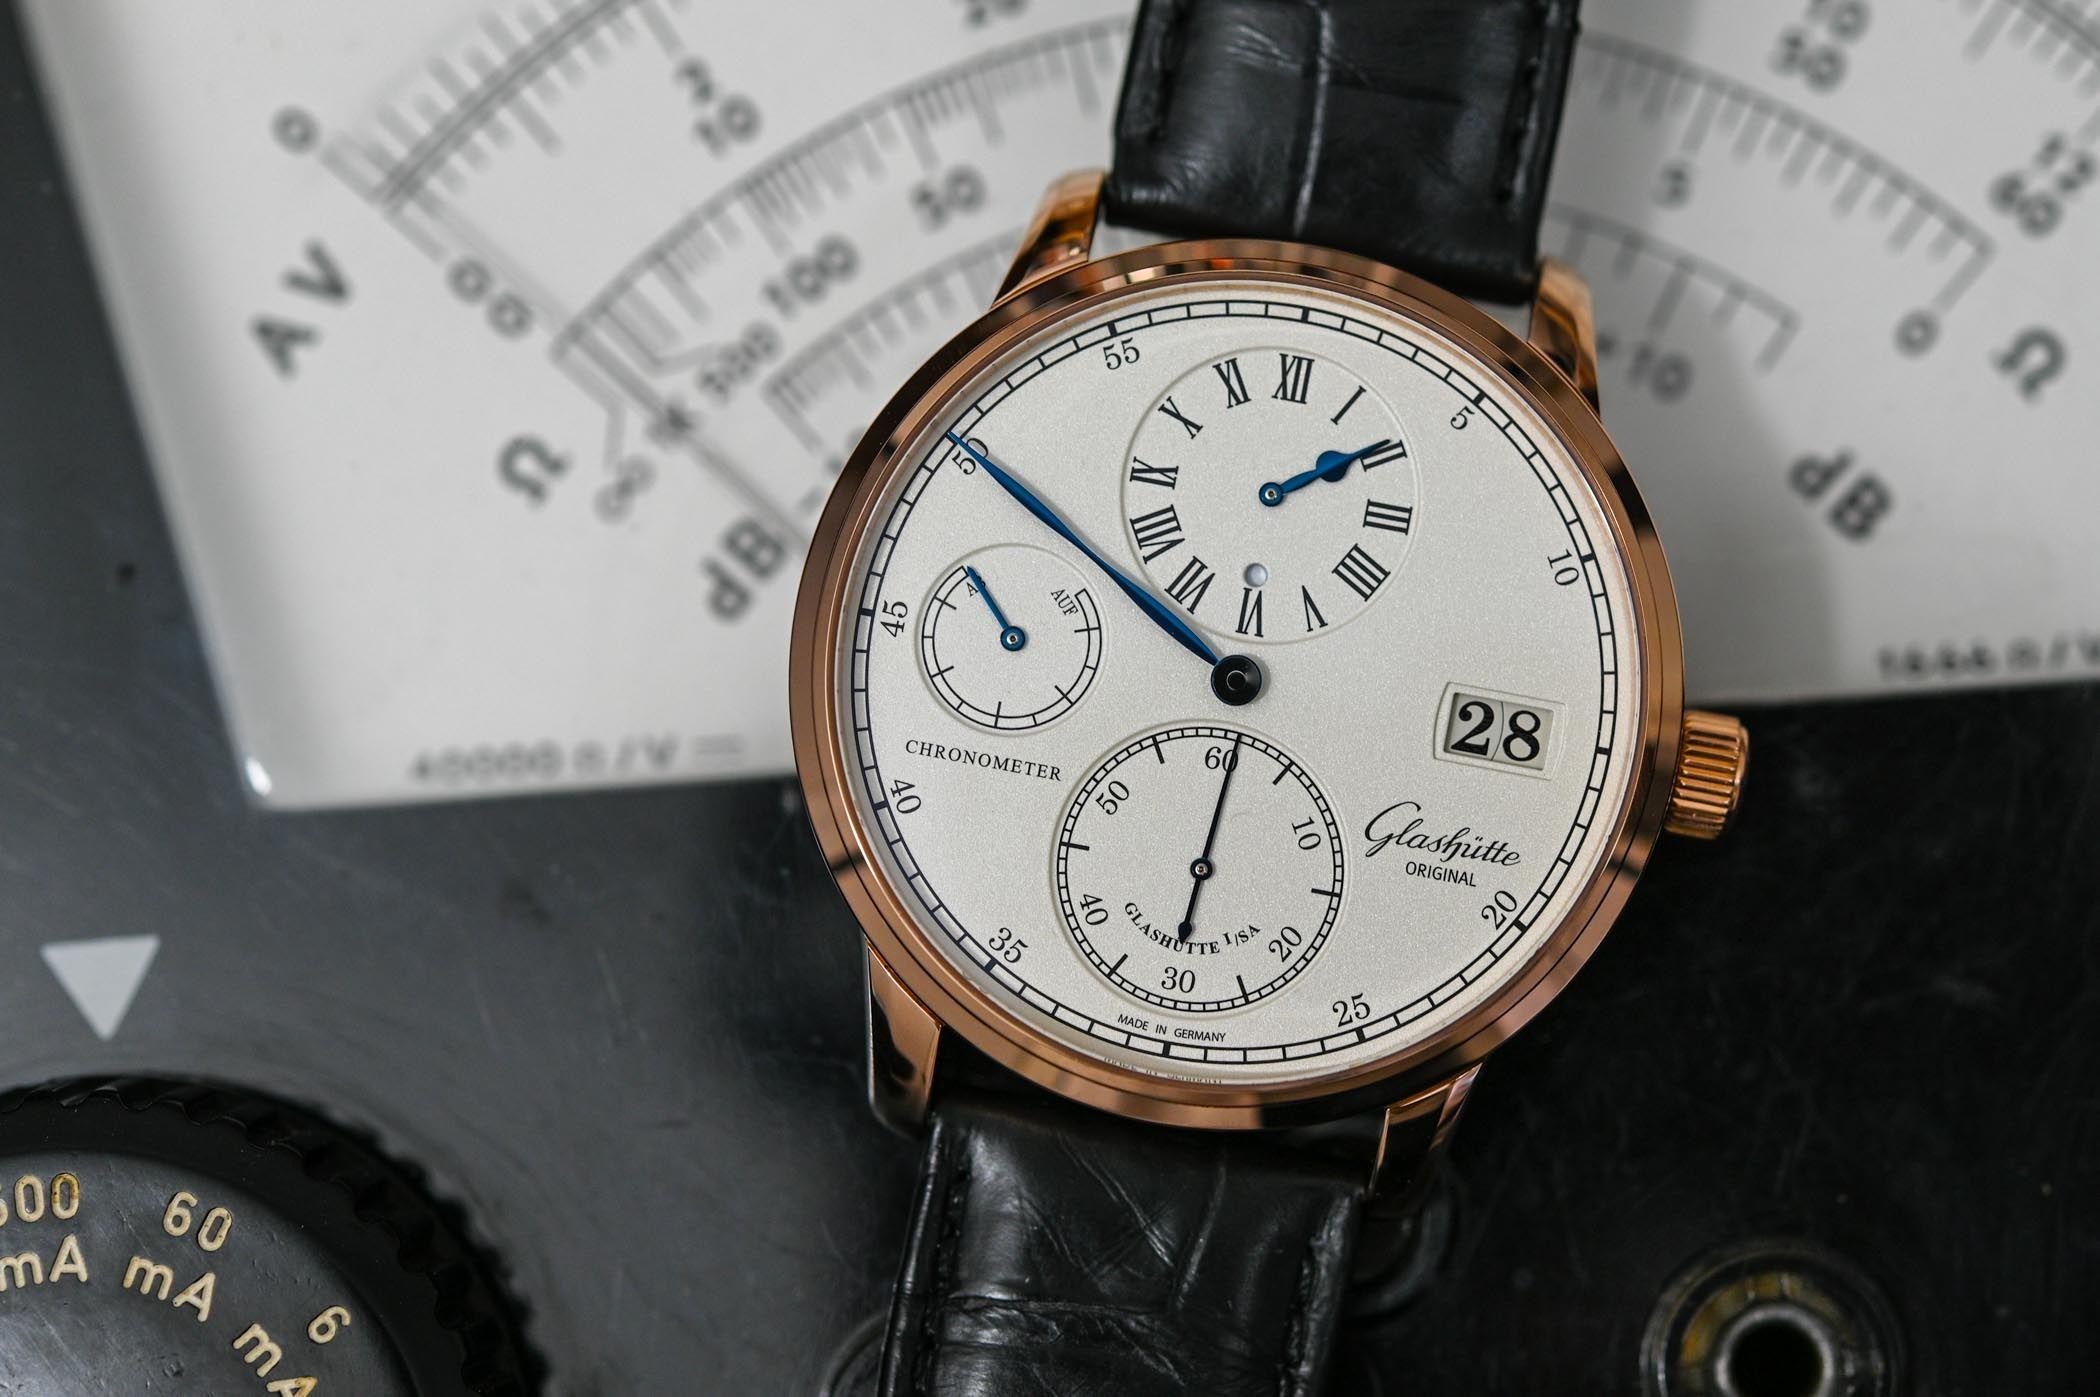 Glashütte Original - Senator Regulateur Chronometer - aus Echtgold - Manufakturwerk - deutsche Luxusuhr - UVP 26.700€